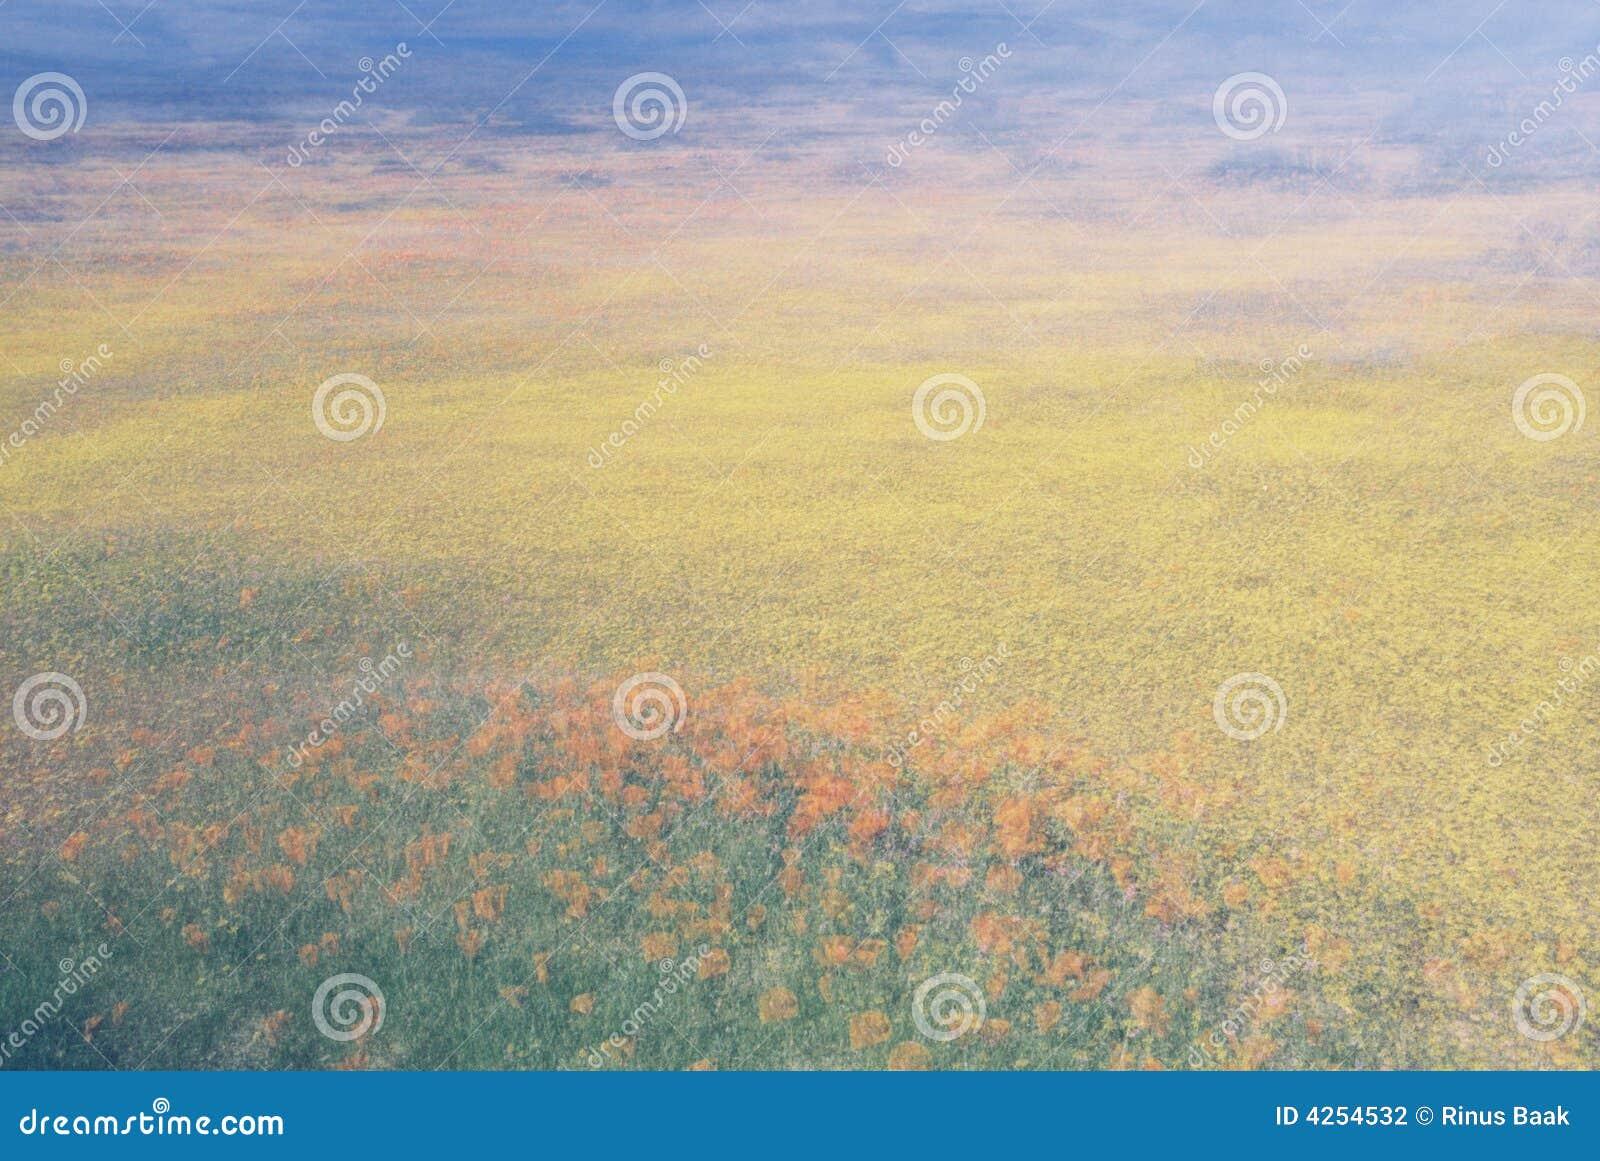 Extracto del campo de flor